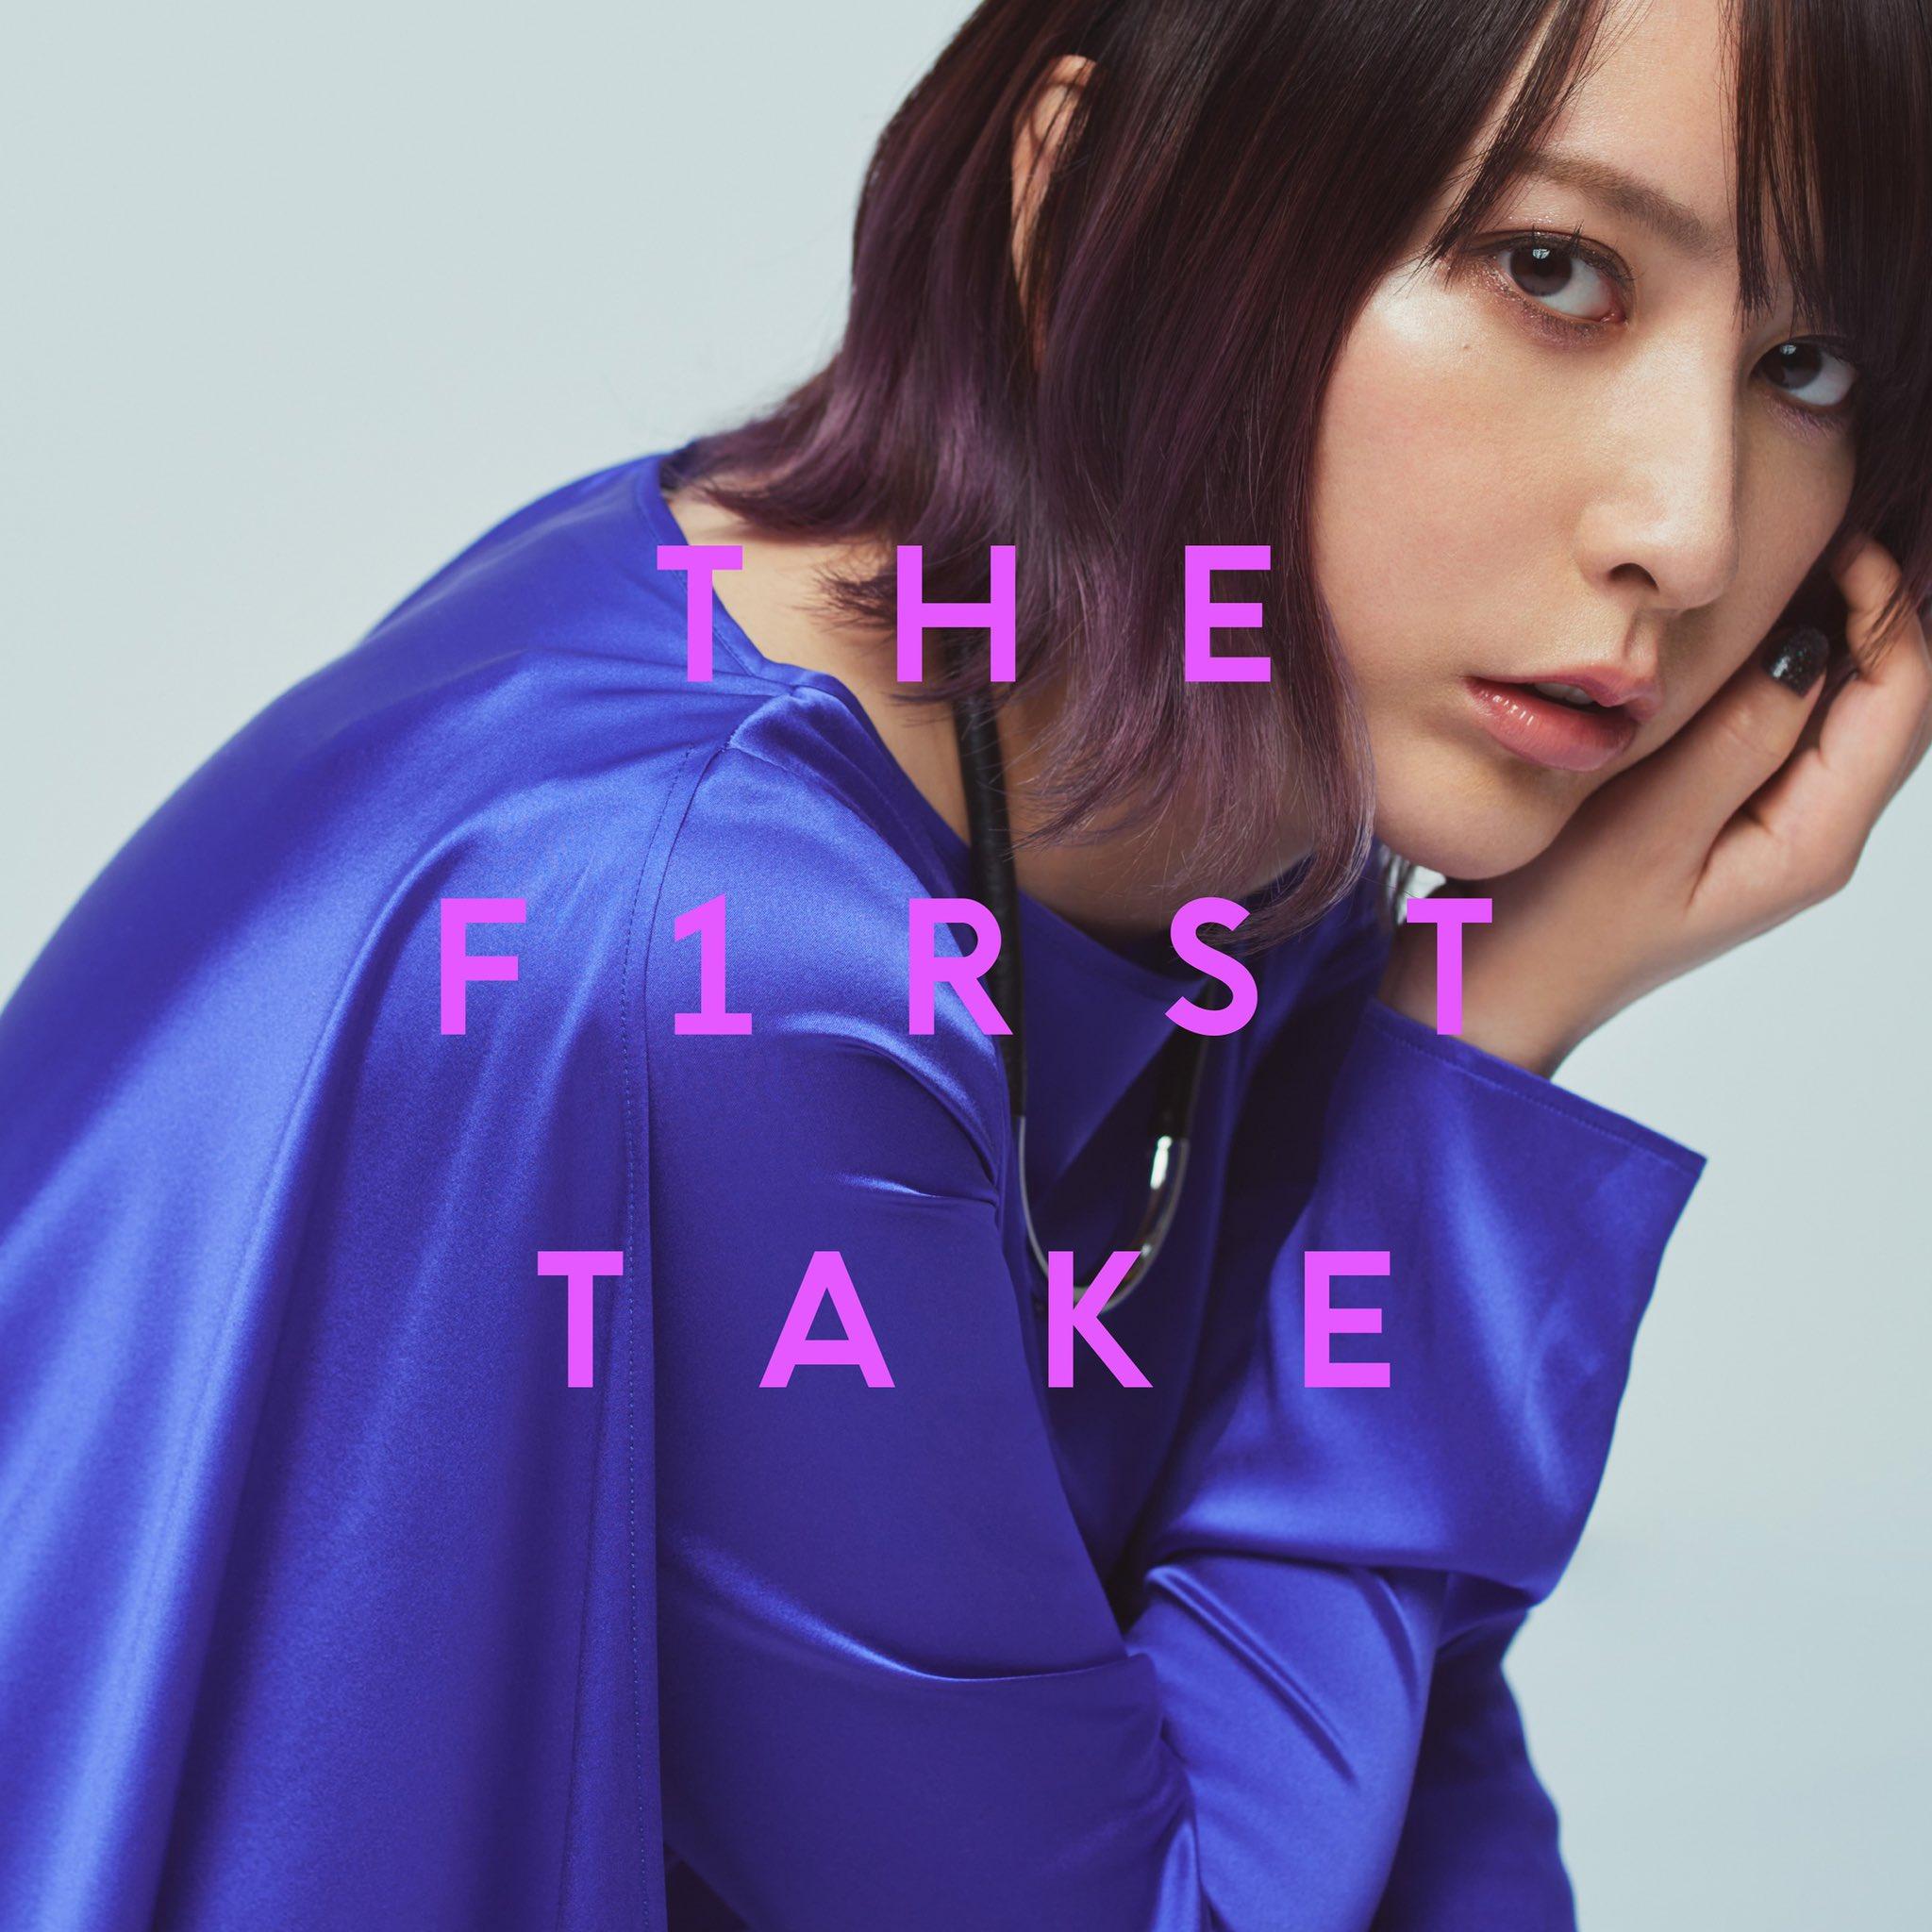 Eir Aoi - I will... [THE FIRST TAKE] [2020.12.25+MP3+RAR]